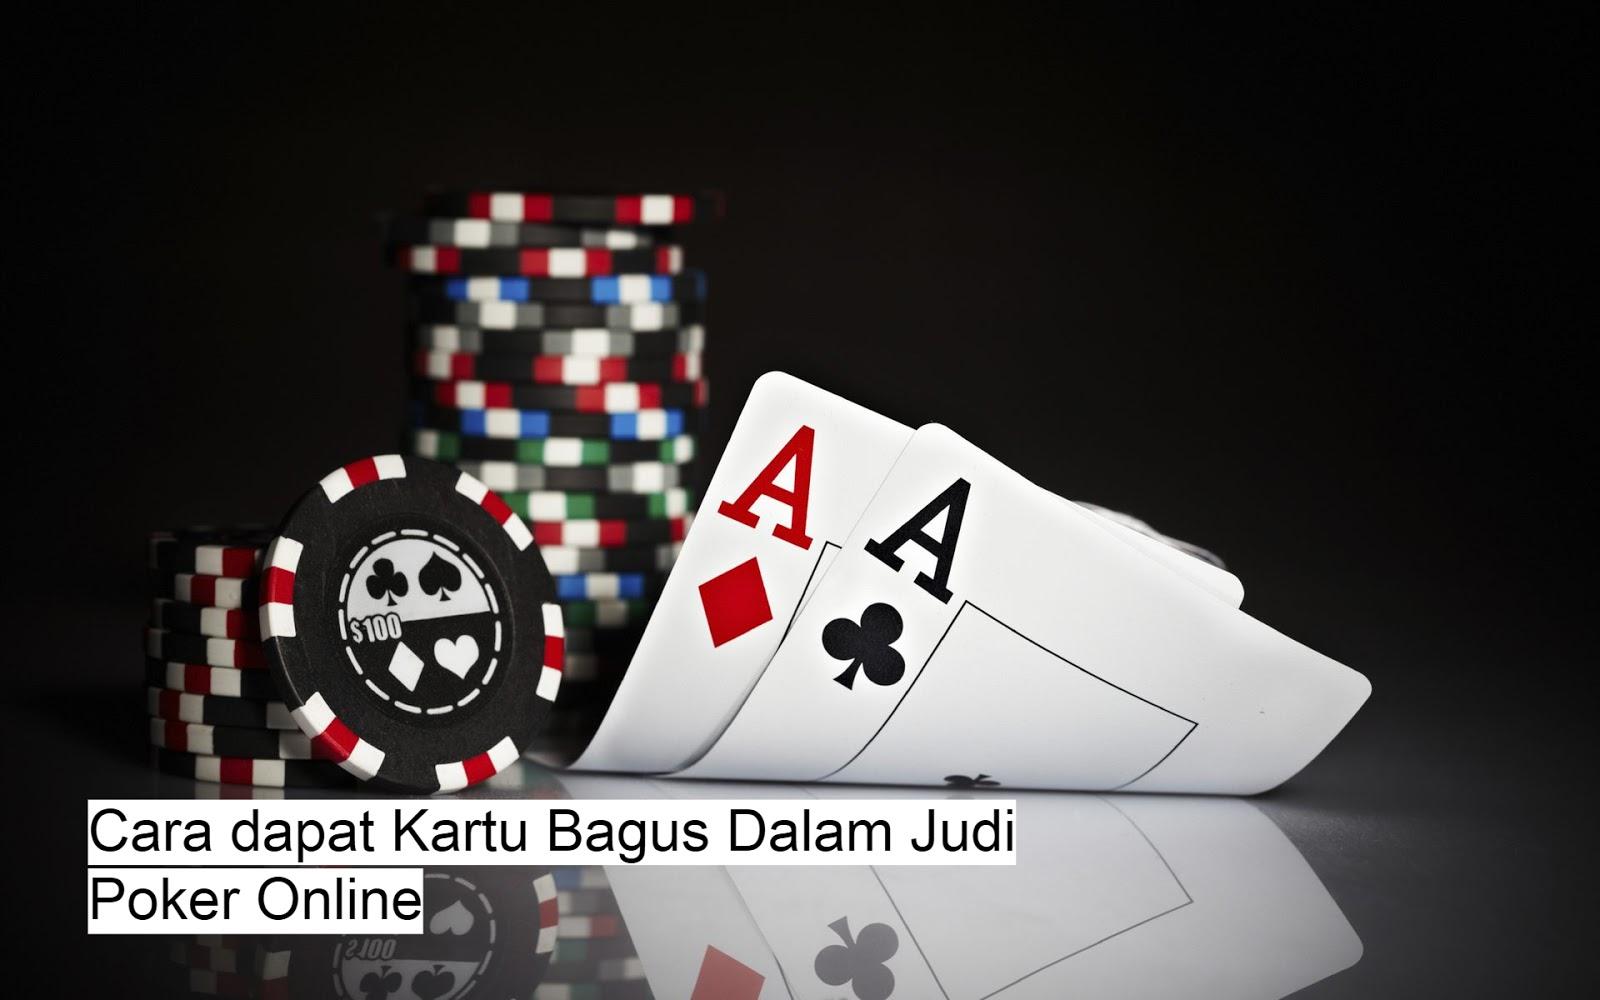 Image result for poker online kartu bagus